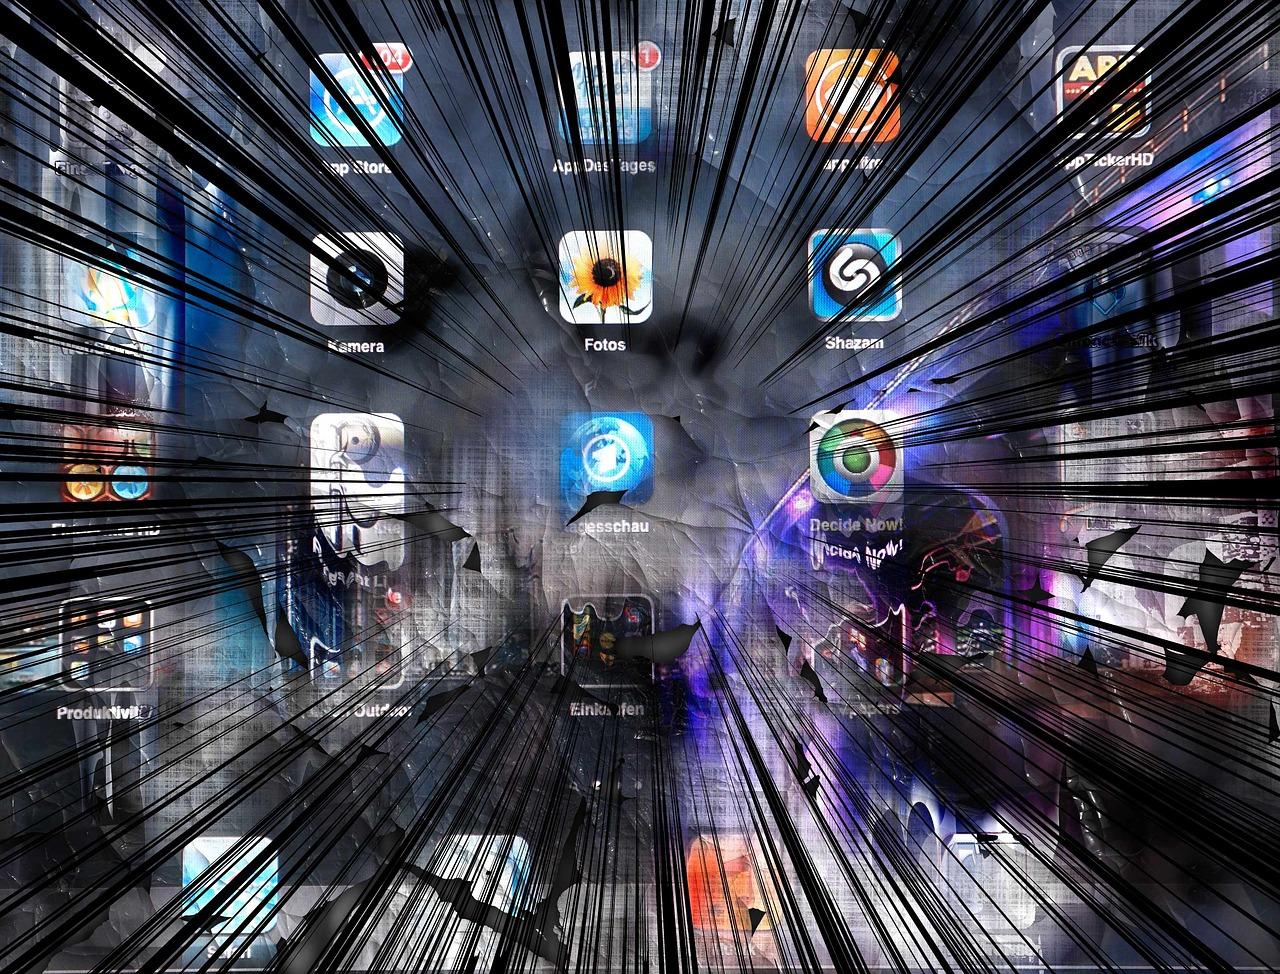 Apps auf dem Handy